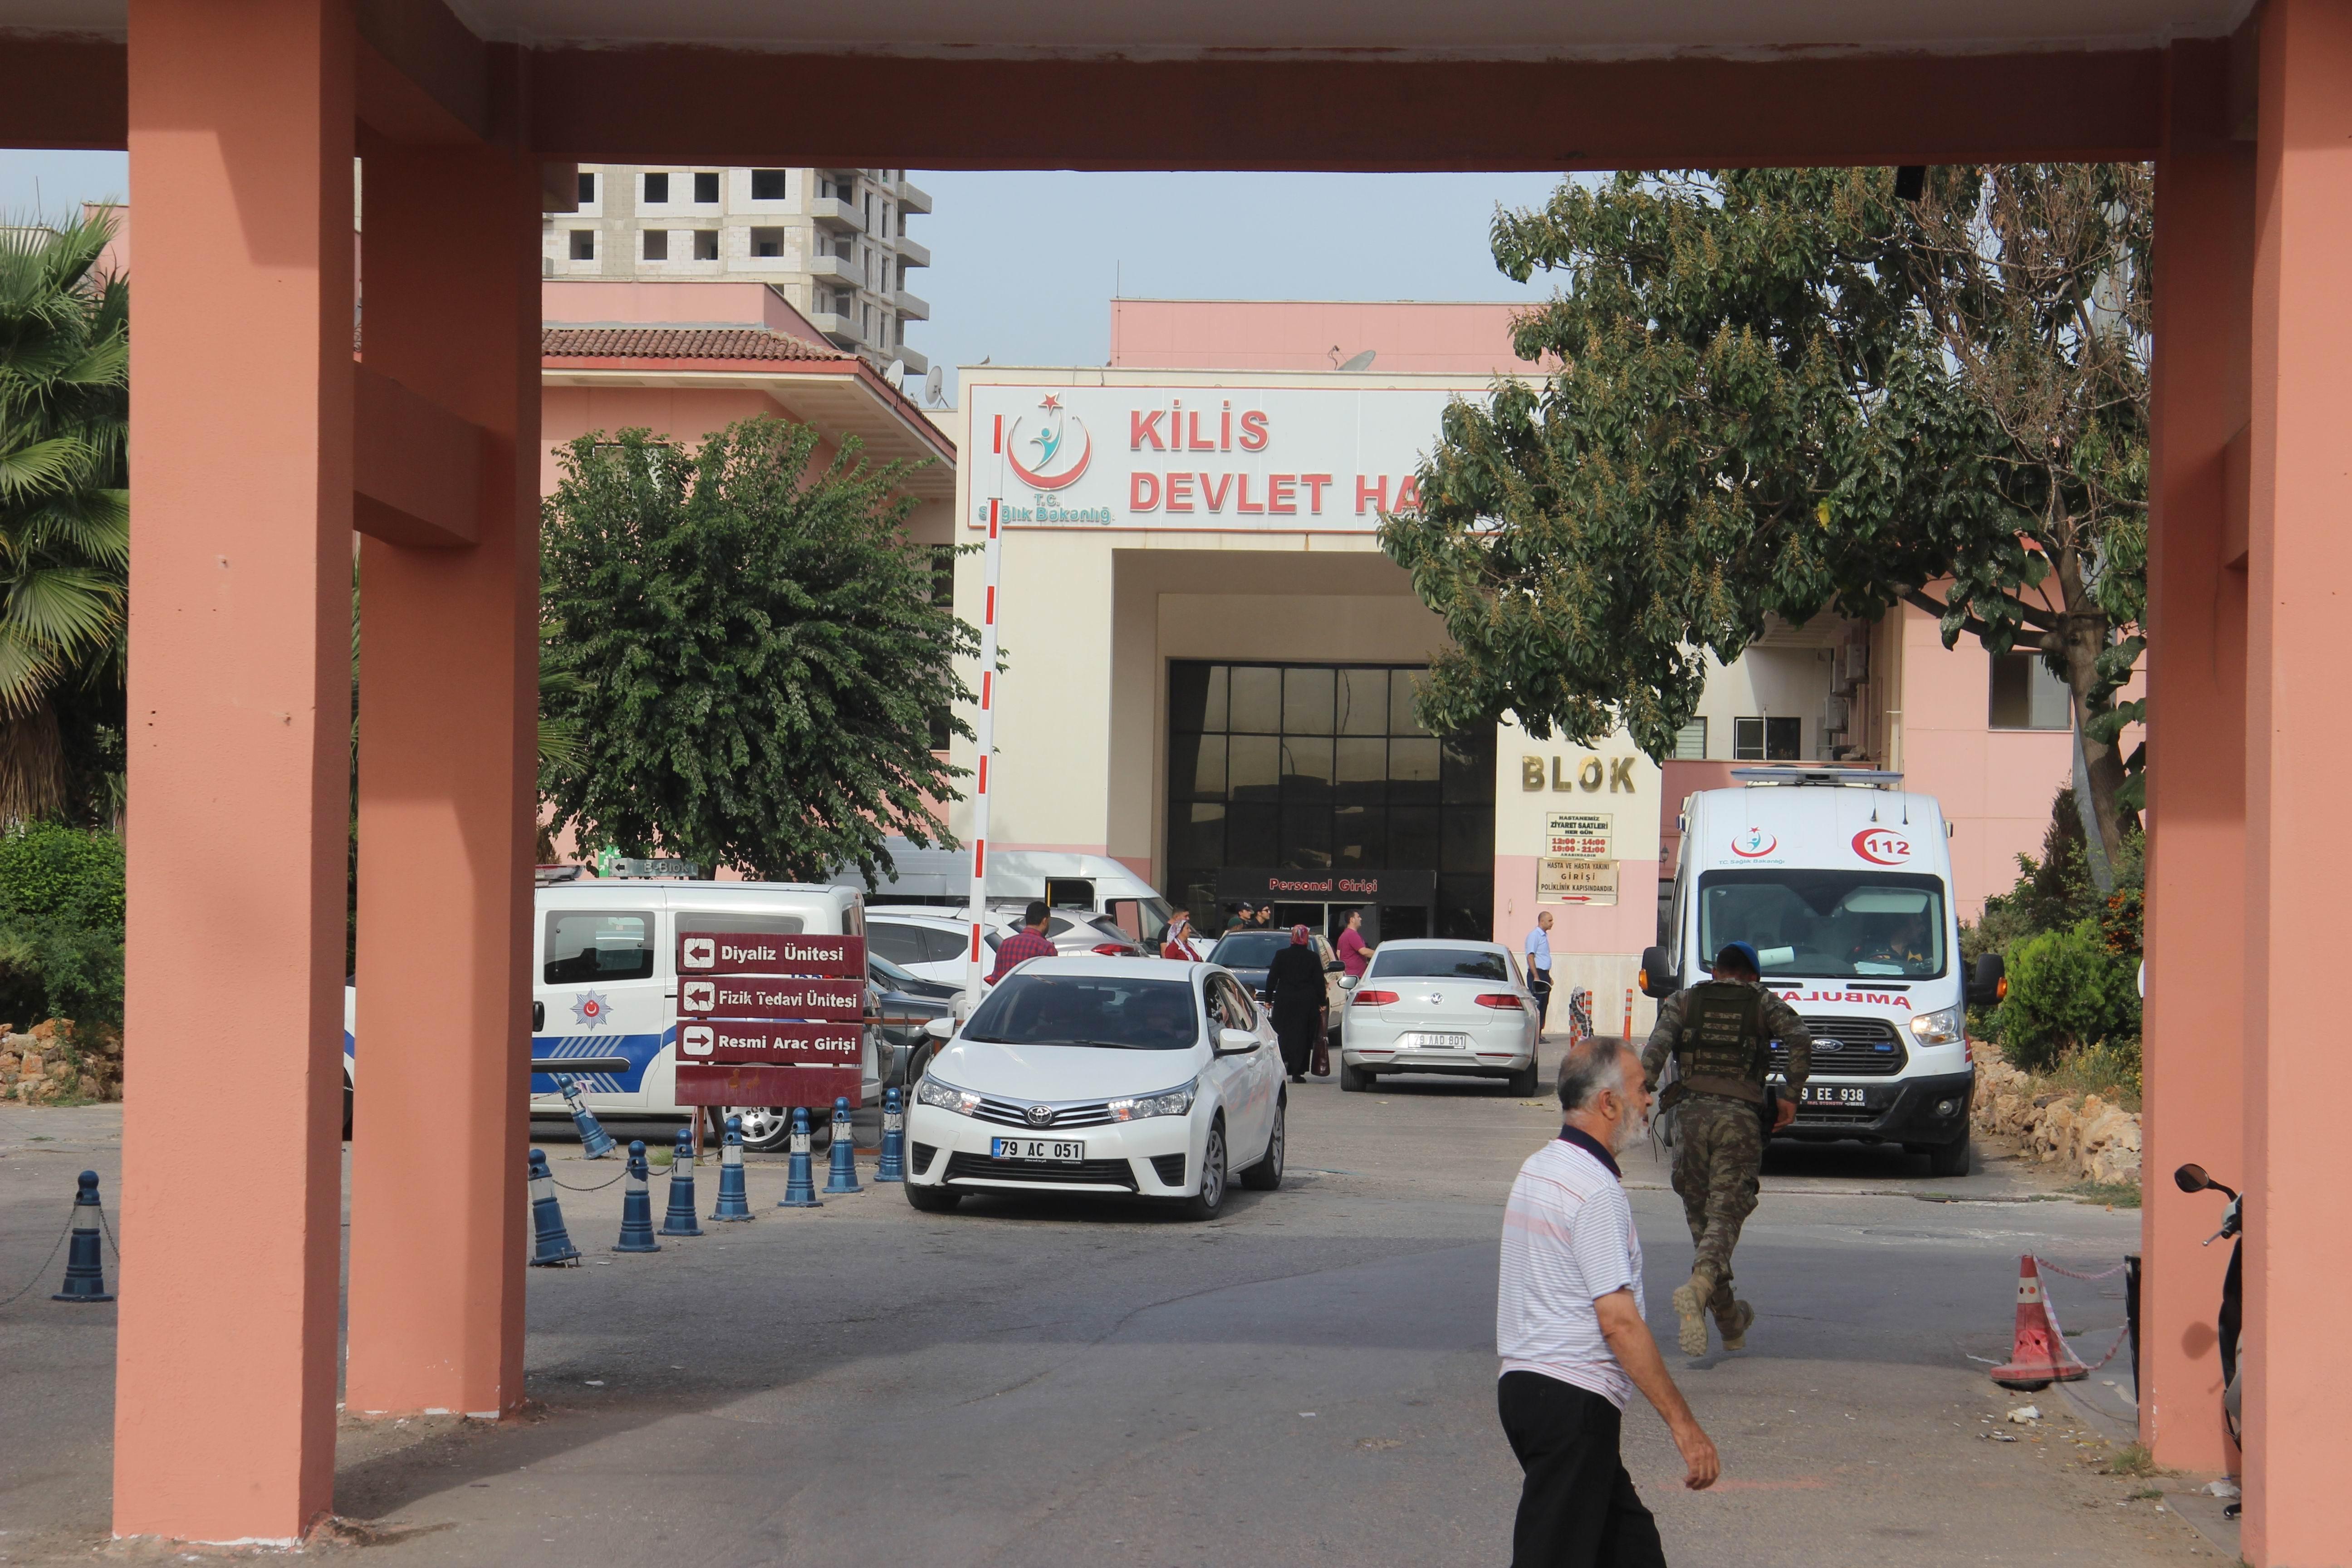 Tel Rıfat'ta TSK unsurlarına saldırı: 2 şehit, 3 yaralı